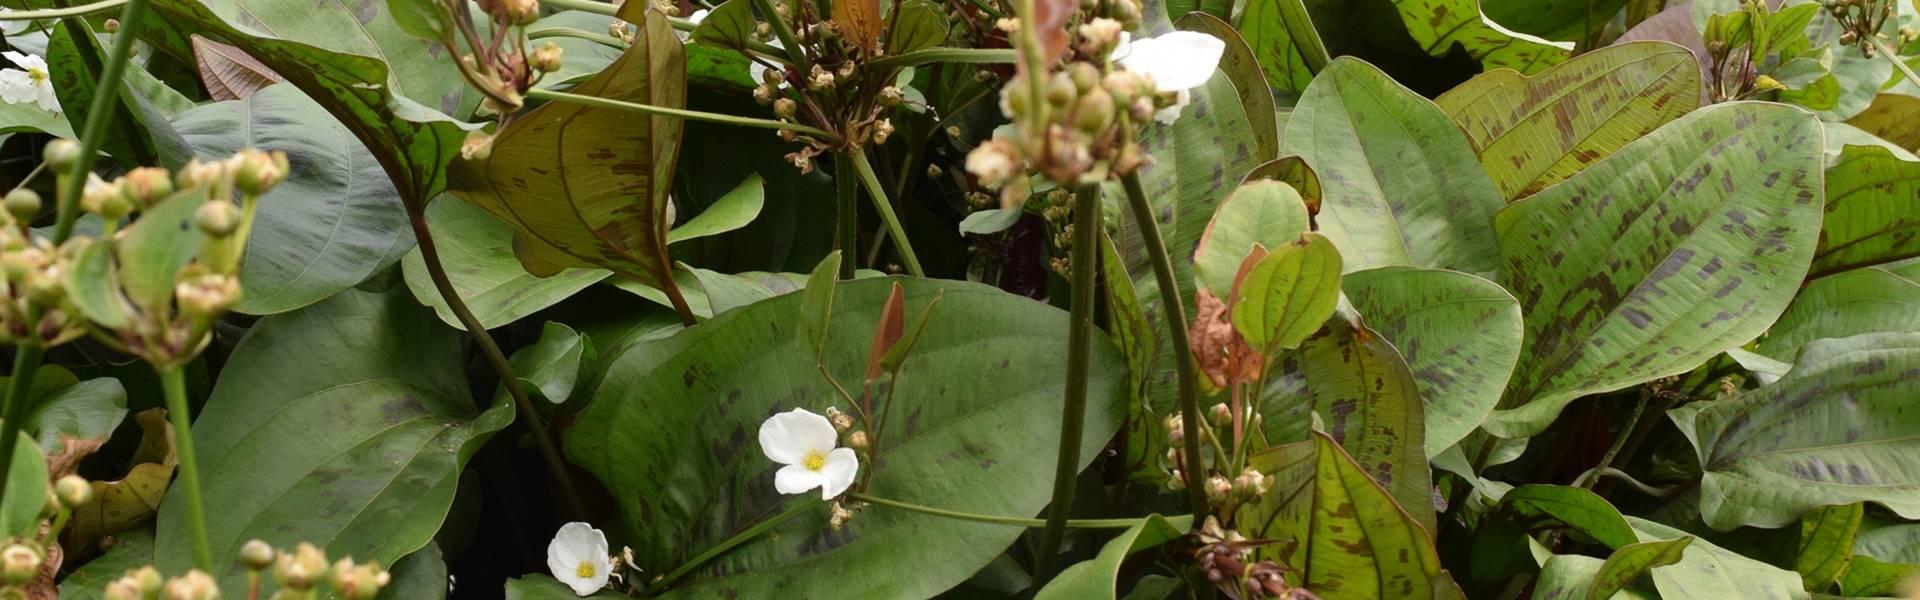 Echinodorus Blütenstand